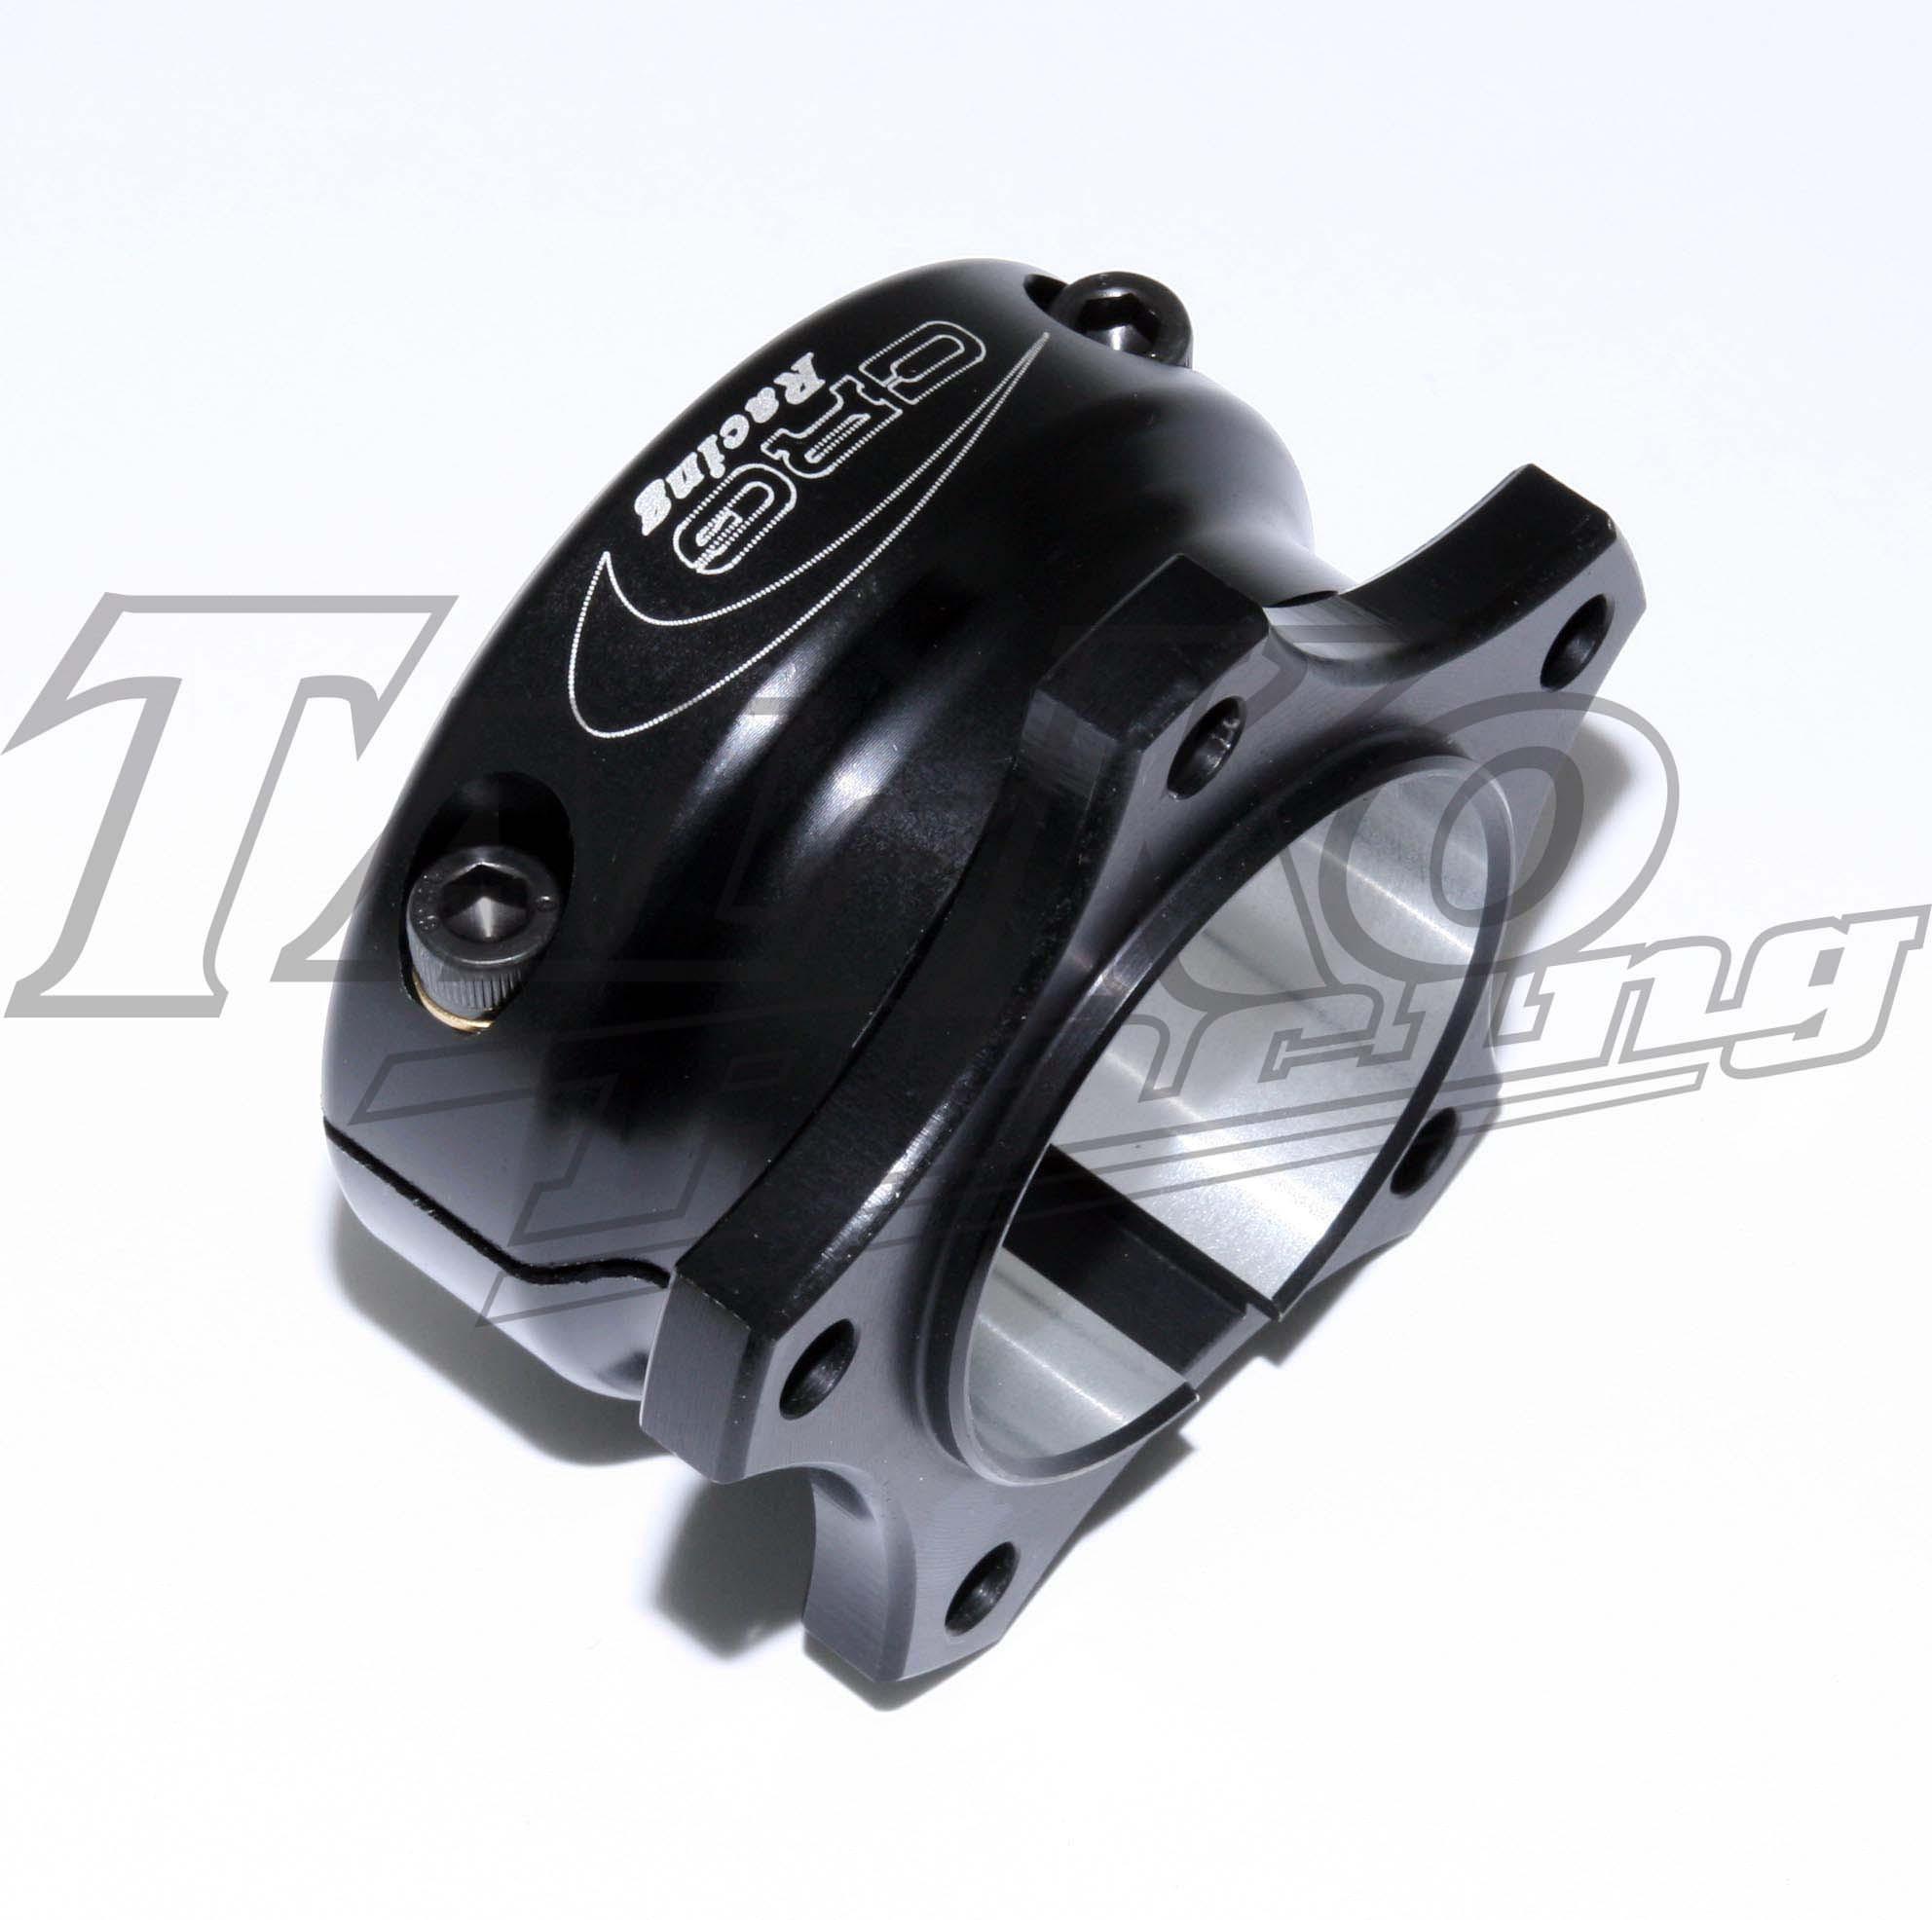 CRG V05/V04 REAR BRAKE DISC HUB 50mm